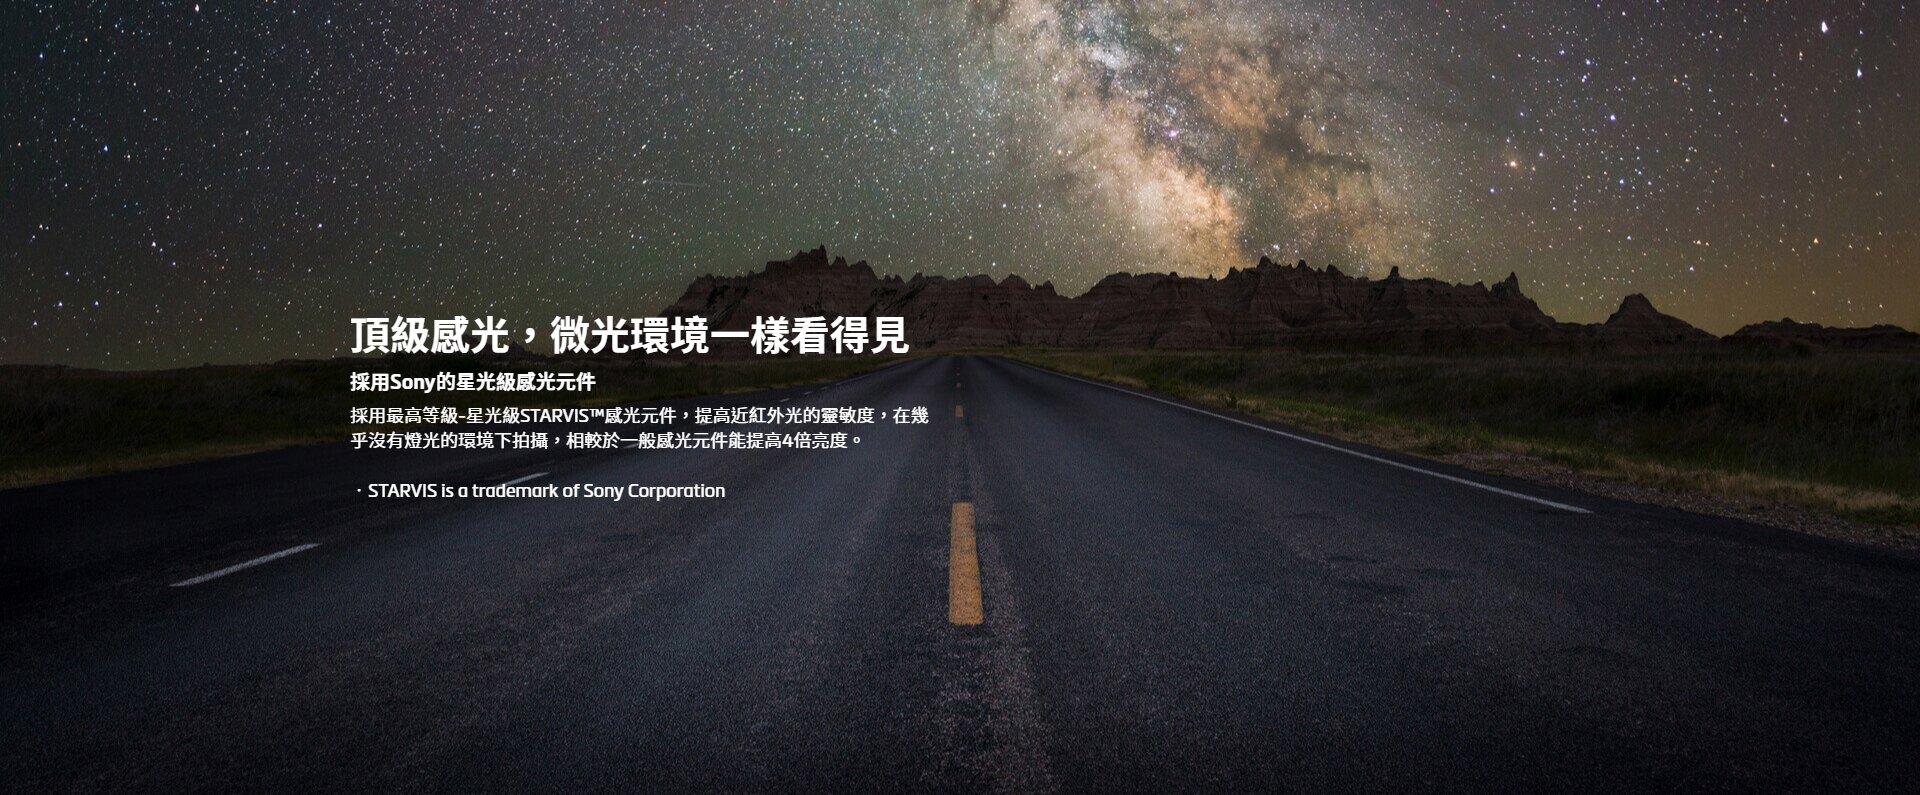 【全店95折無上限】 送大容量記憶卡 Mio MiVue™ 838 星光夜視 高速錄影 區間測速 GPS 行車記錄器 1080P 60fps